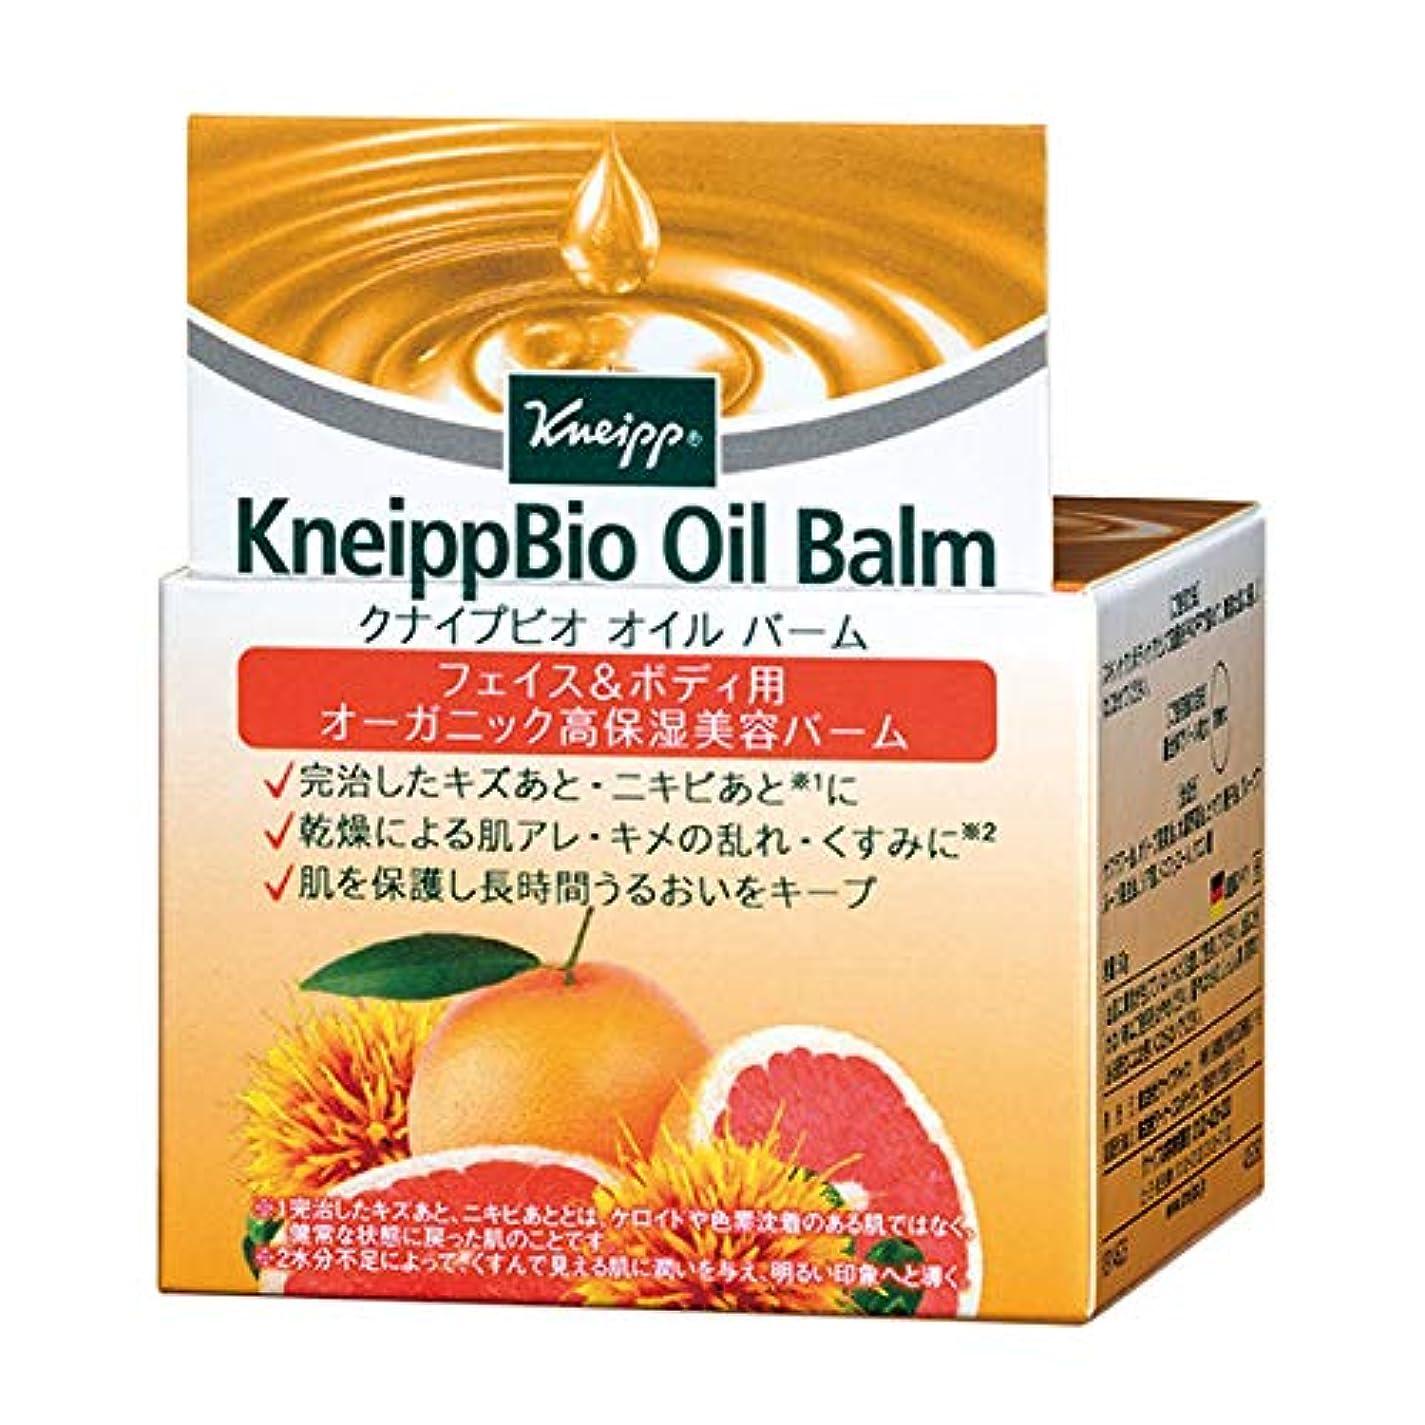 村枠分割クナイプ(Kneipp) クナイプビオ オイル バーム 50g 美容液